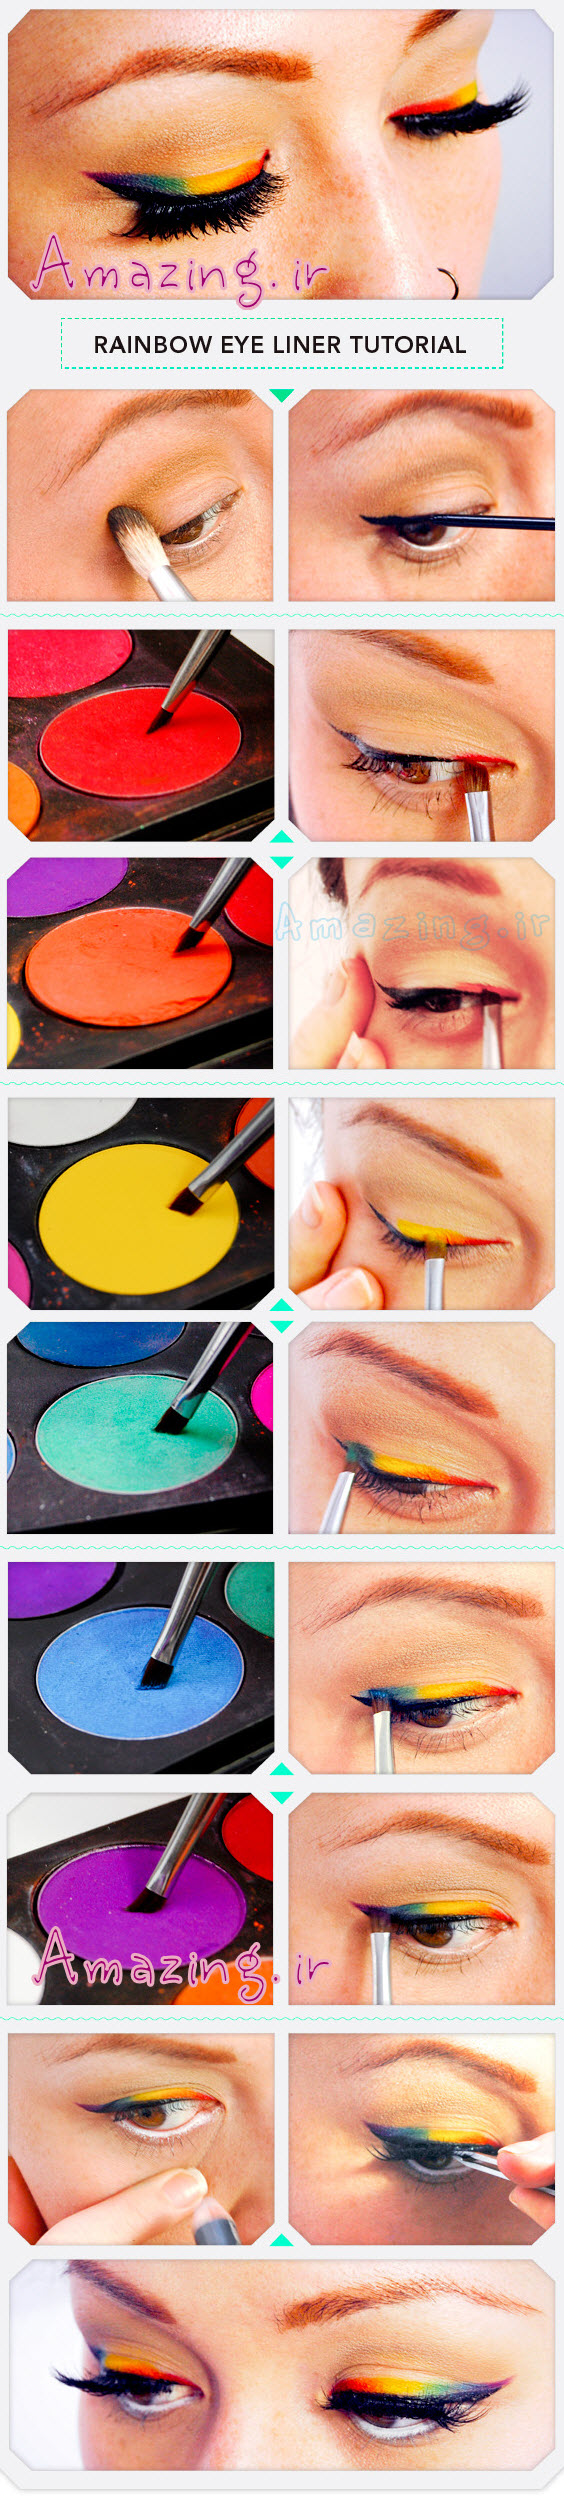 عکس مدل سایه چشم رنگین کمانی,  اموزش تصویری ارایش چشم ,  اموزش تصویری سایه چشم زدن  ,  مدل میکاپ چشم 2014